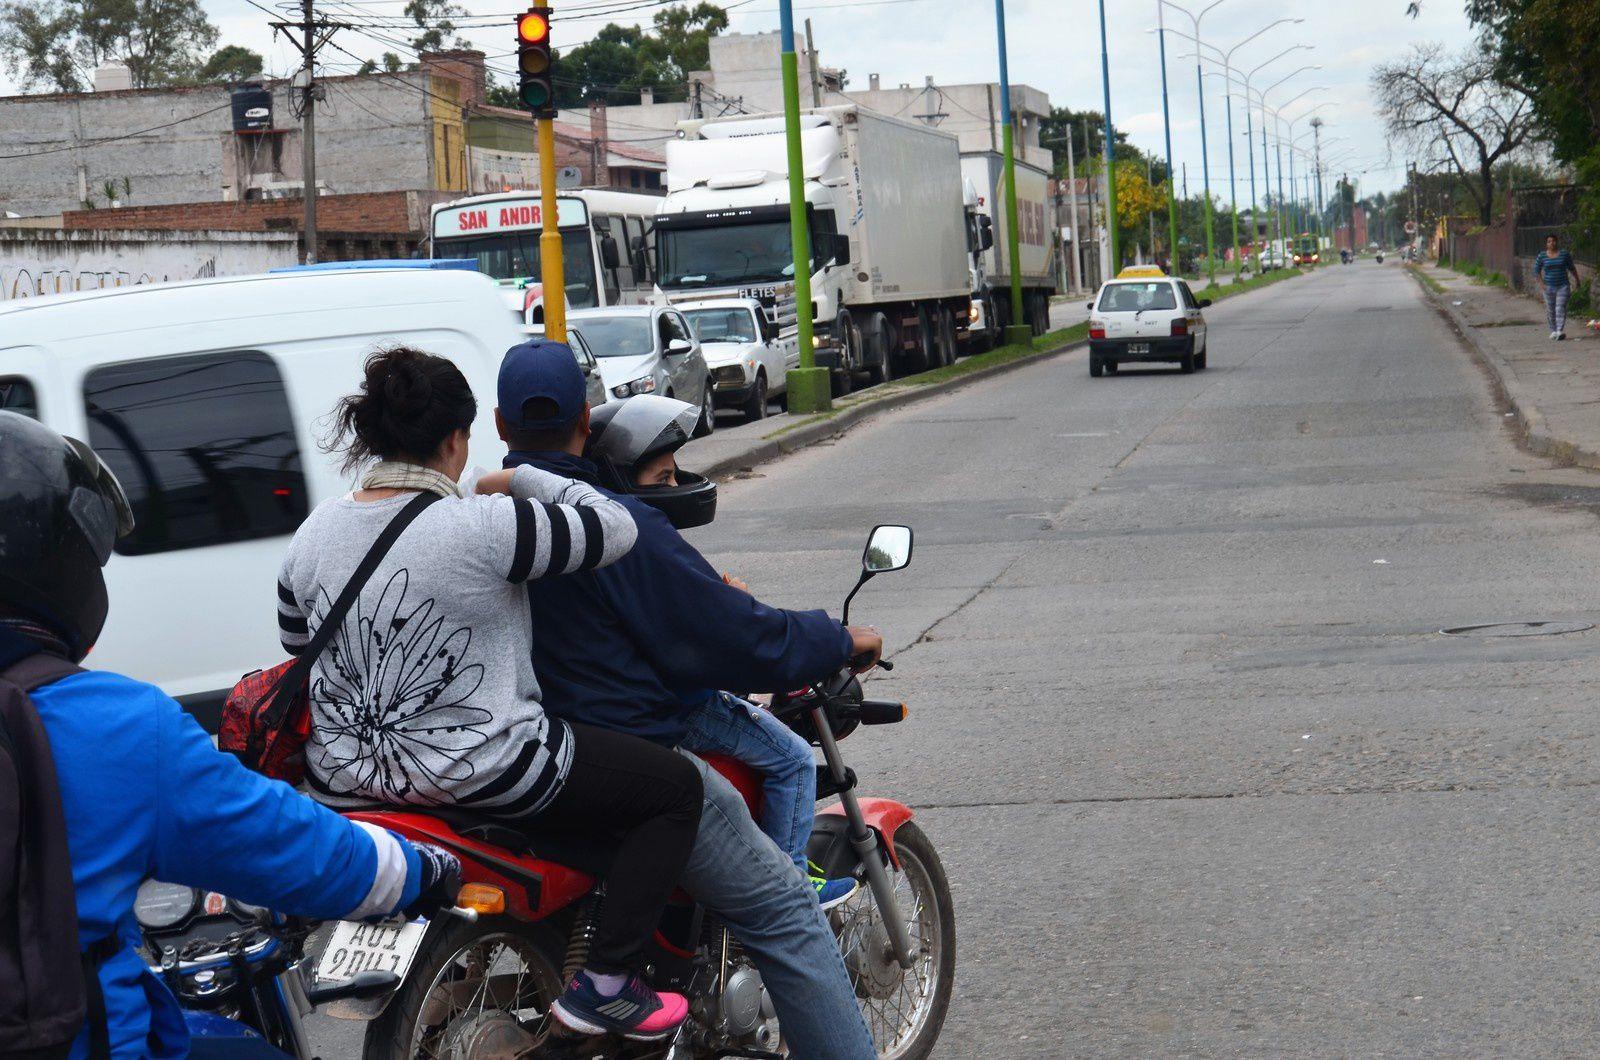 Ruta 9 Salta-San Miguel de Tucuman (Argentine en camping-car)